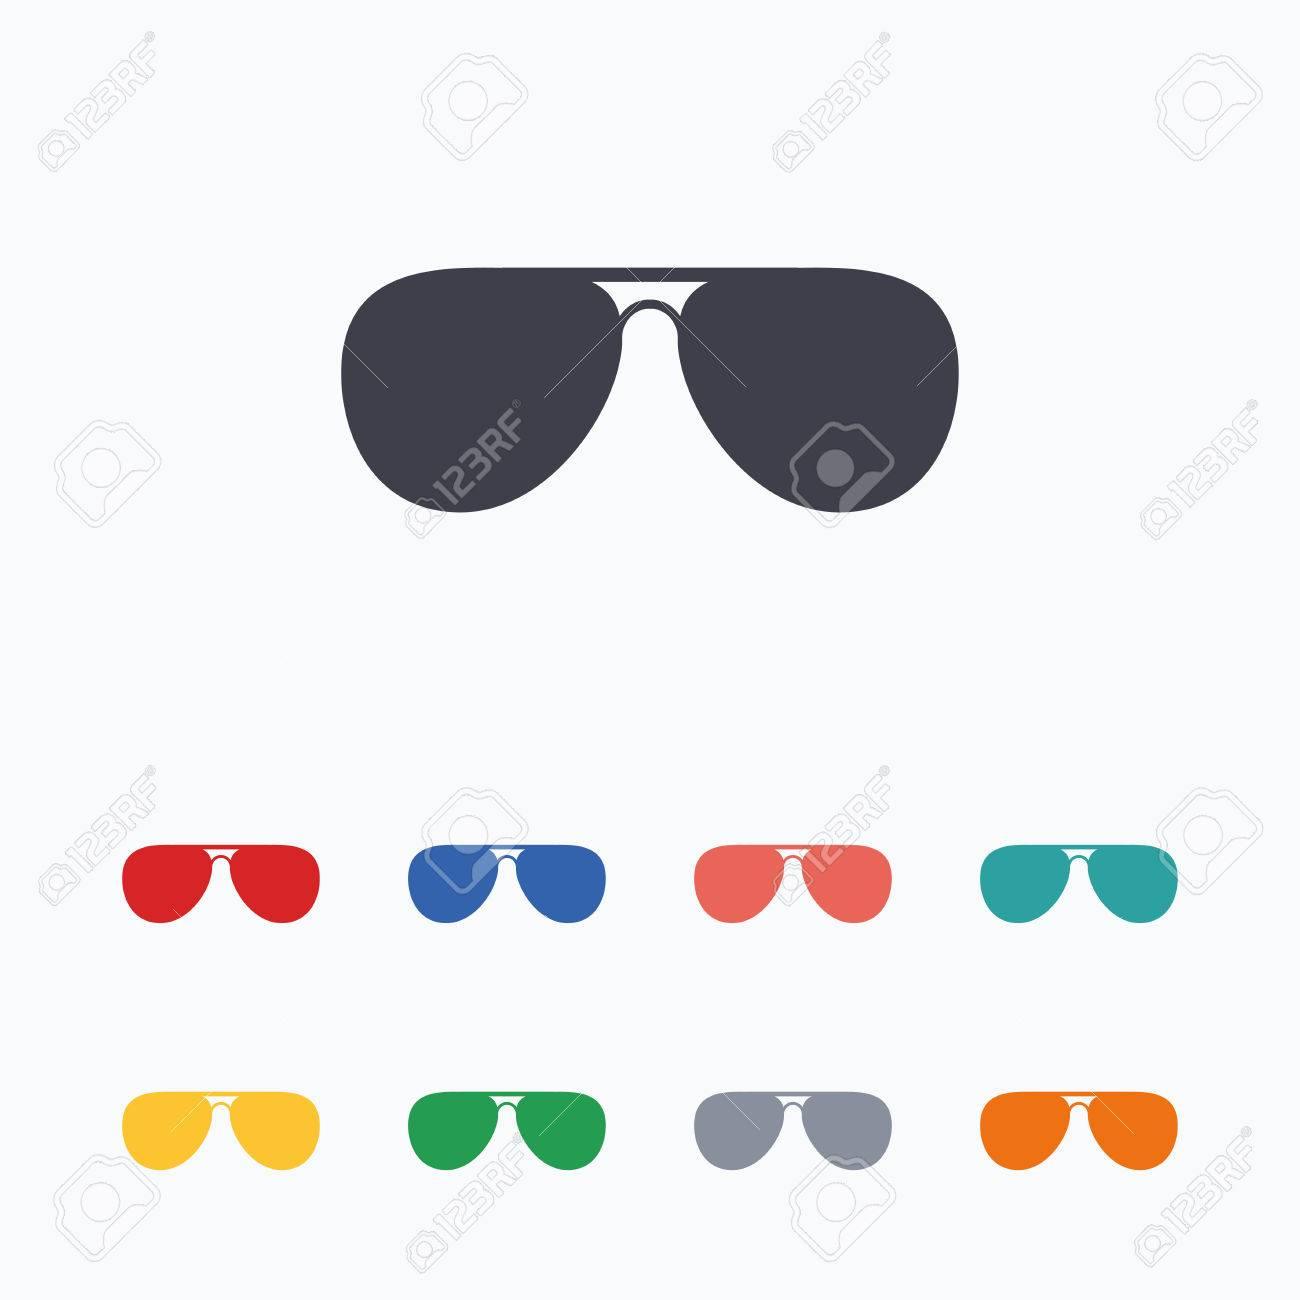 6404c7213a3deb Banque d images - Lunettes de soleil aviateur signe icône. bouton pilote  lunettes. icônes plates de couleur sur fond blanc.